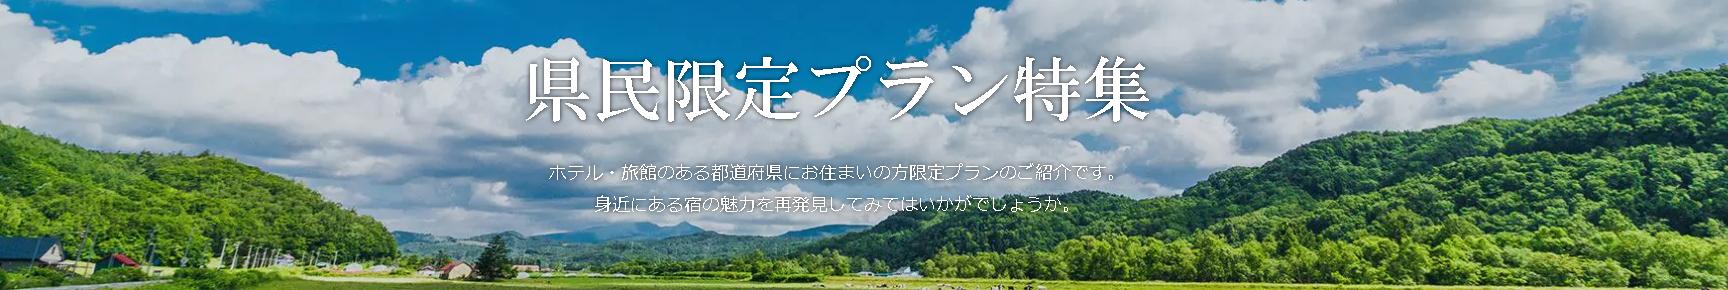 長崎 県 宿泊 補助